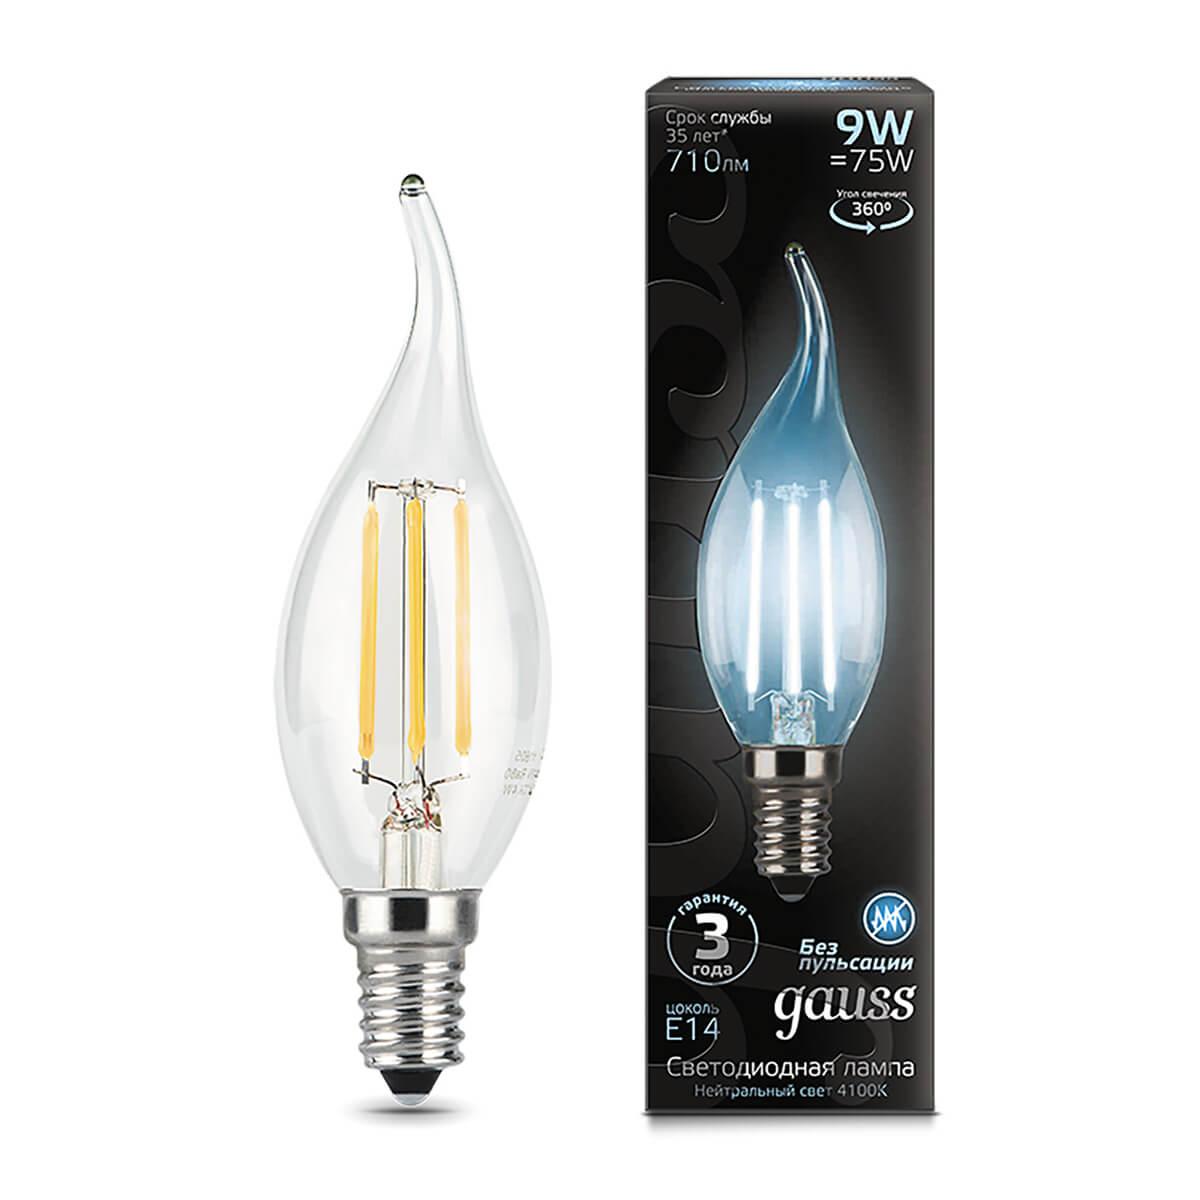 Лампа светодиодная филаментная Gauss E14 9W 4100К прозрачная 104801209 цена и фото